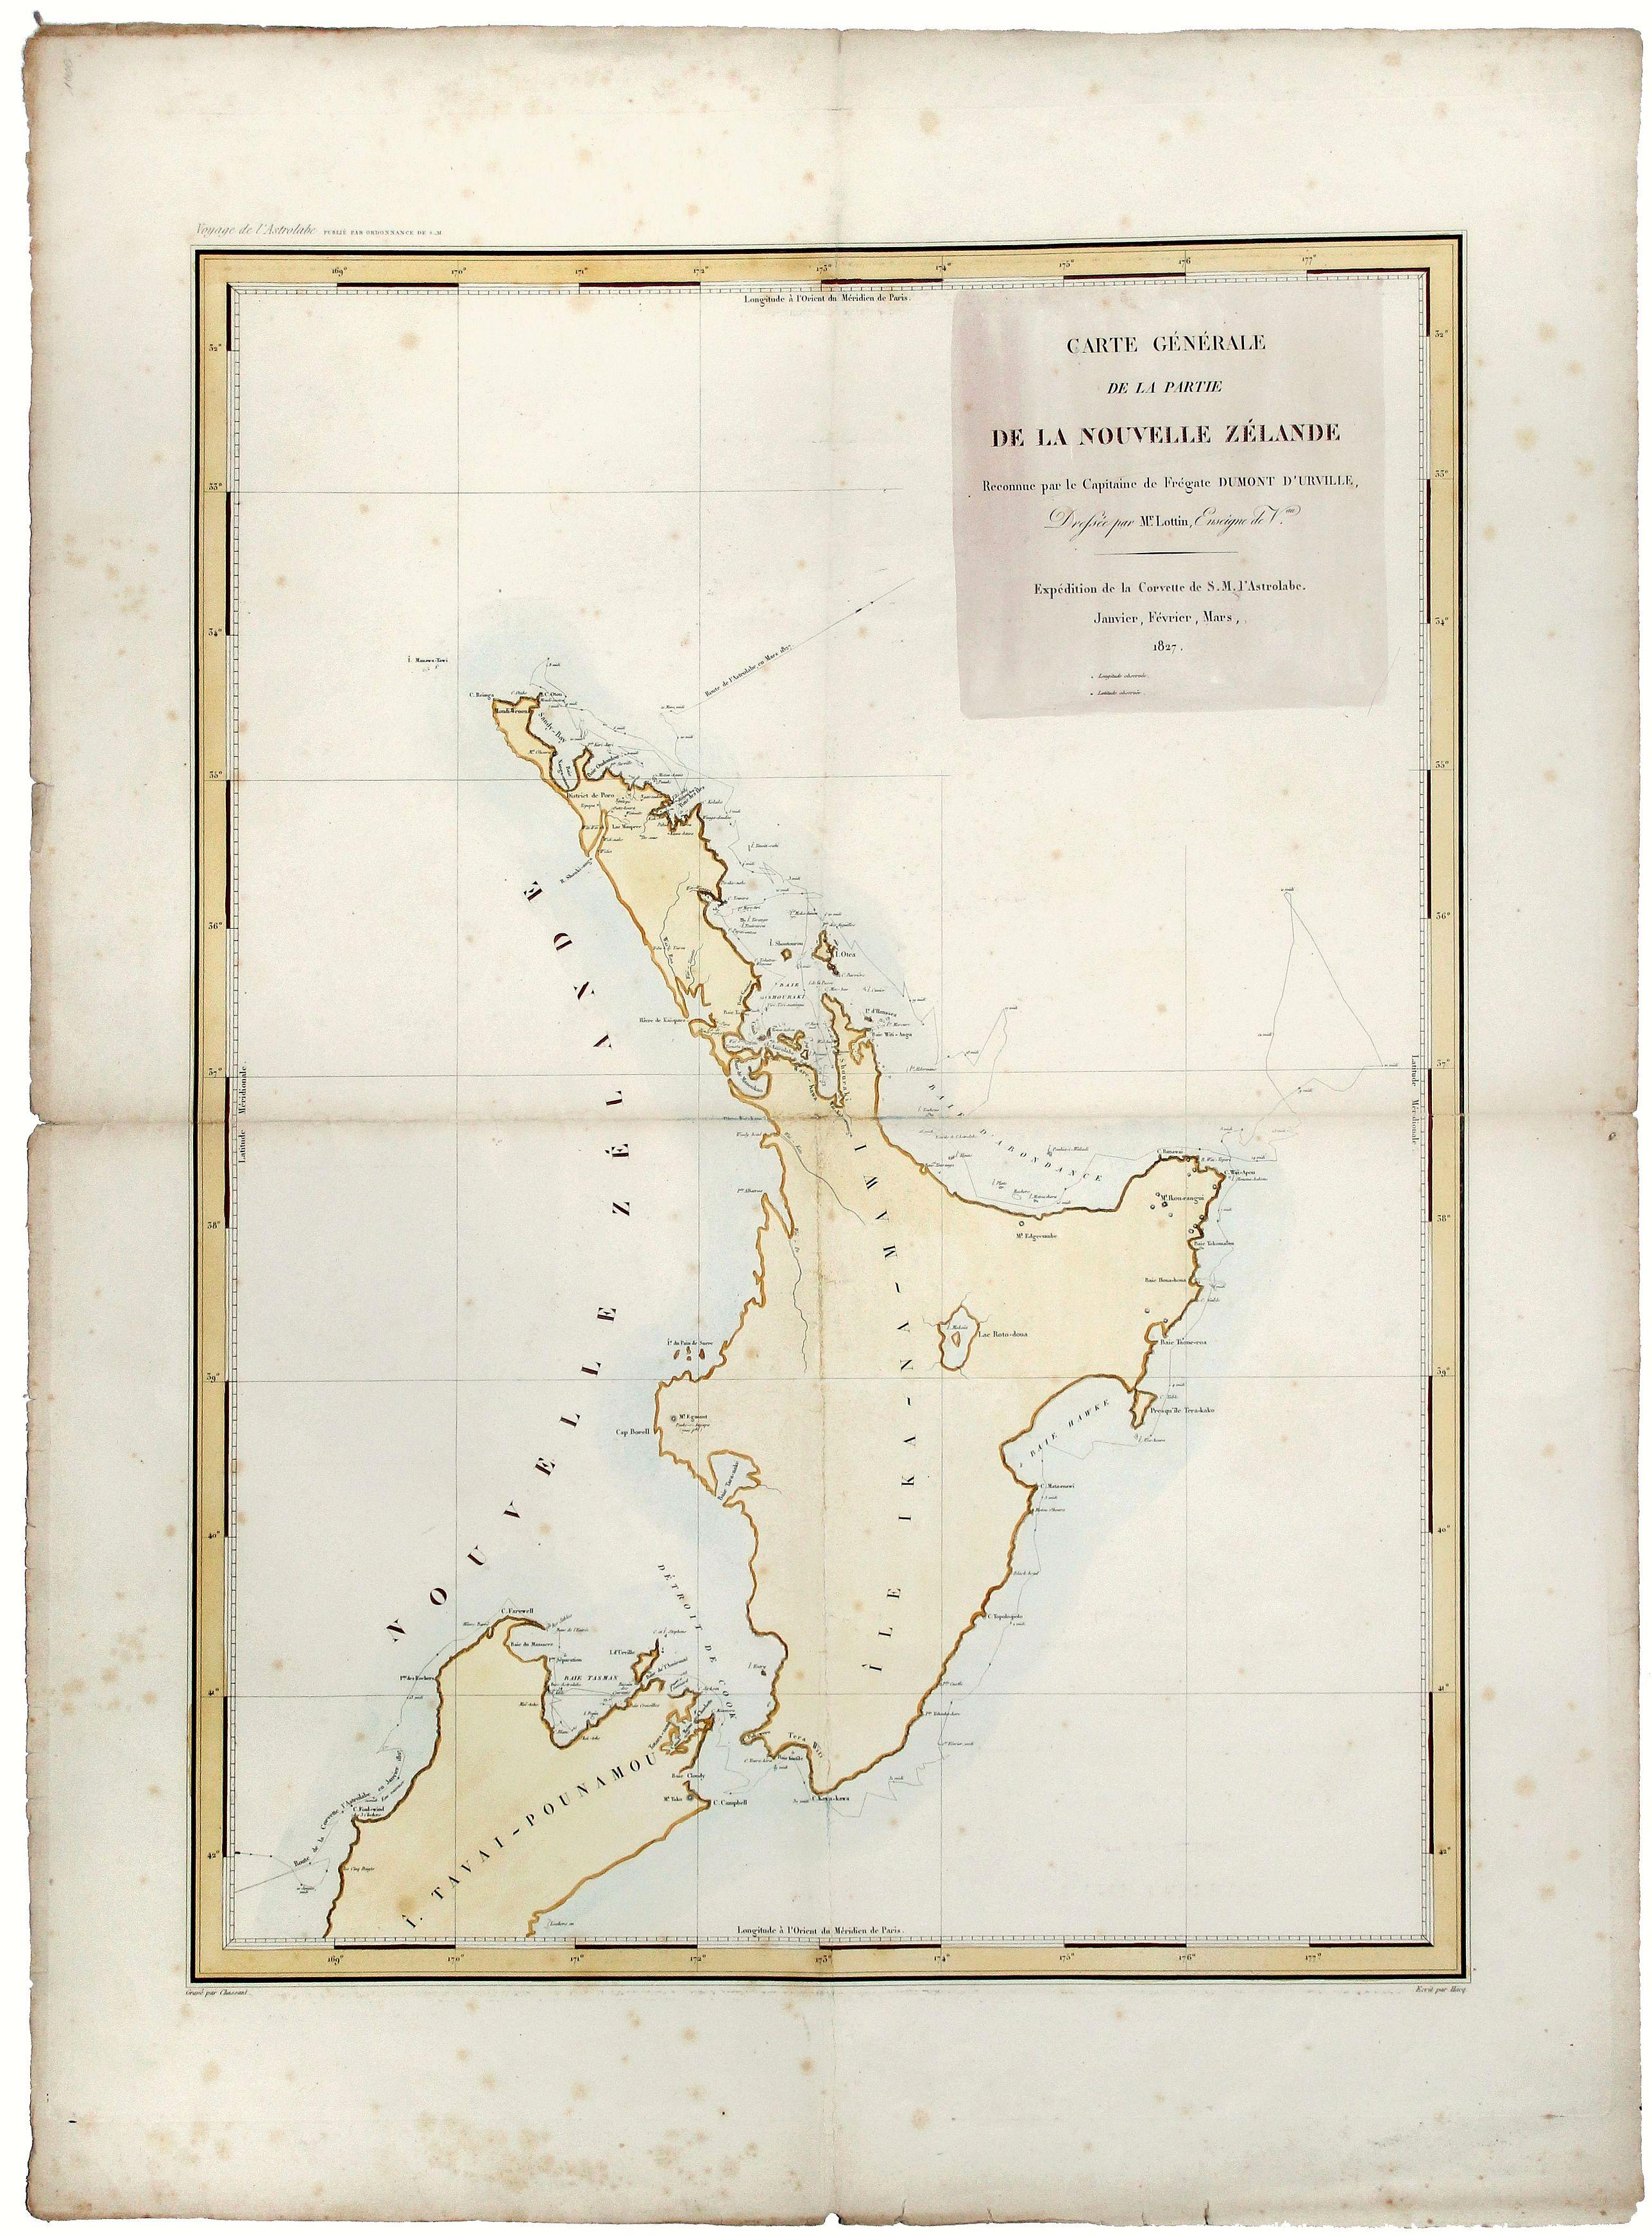 D'URVILLE - Nouvelle Zelande.